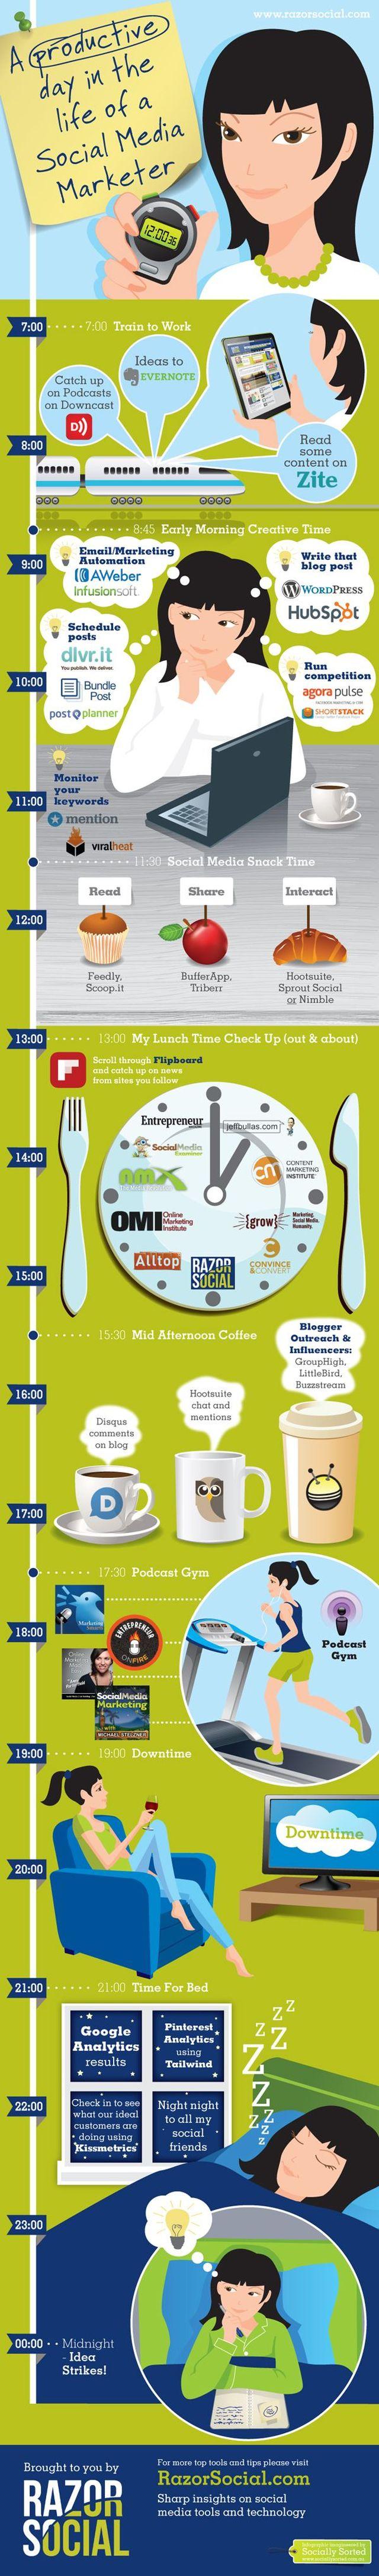 Descubre un día productivo en Social Media Marketing (infografía)